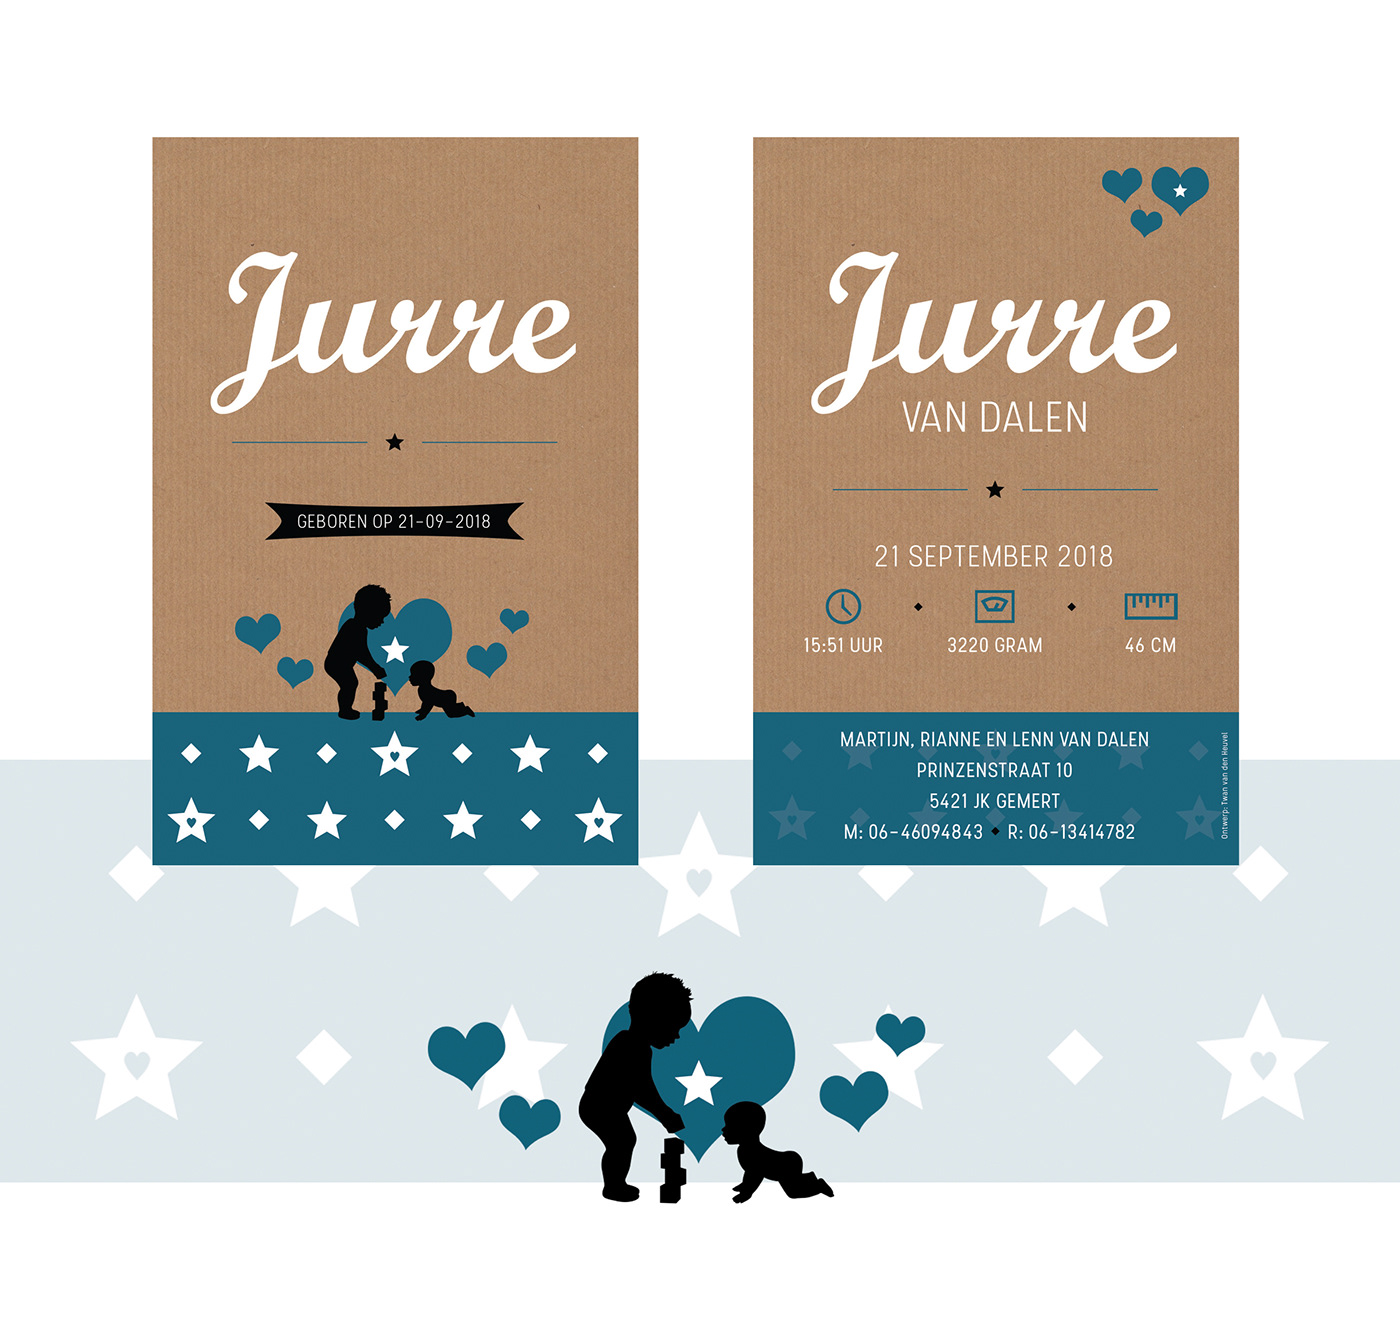 Adobe Portfolio design geboortekaartje illustratie uitnodiging Kaart bruiloft photoshop Illustrator InDesign